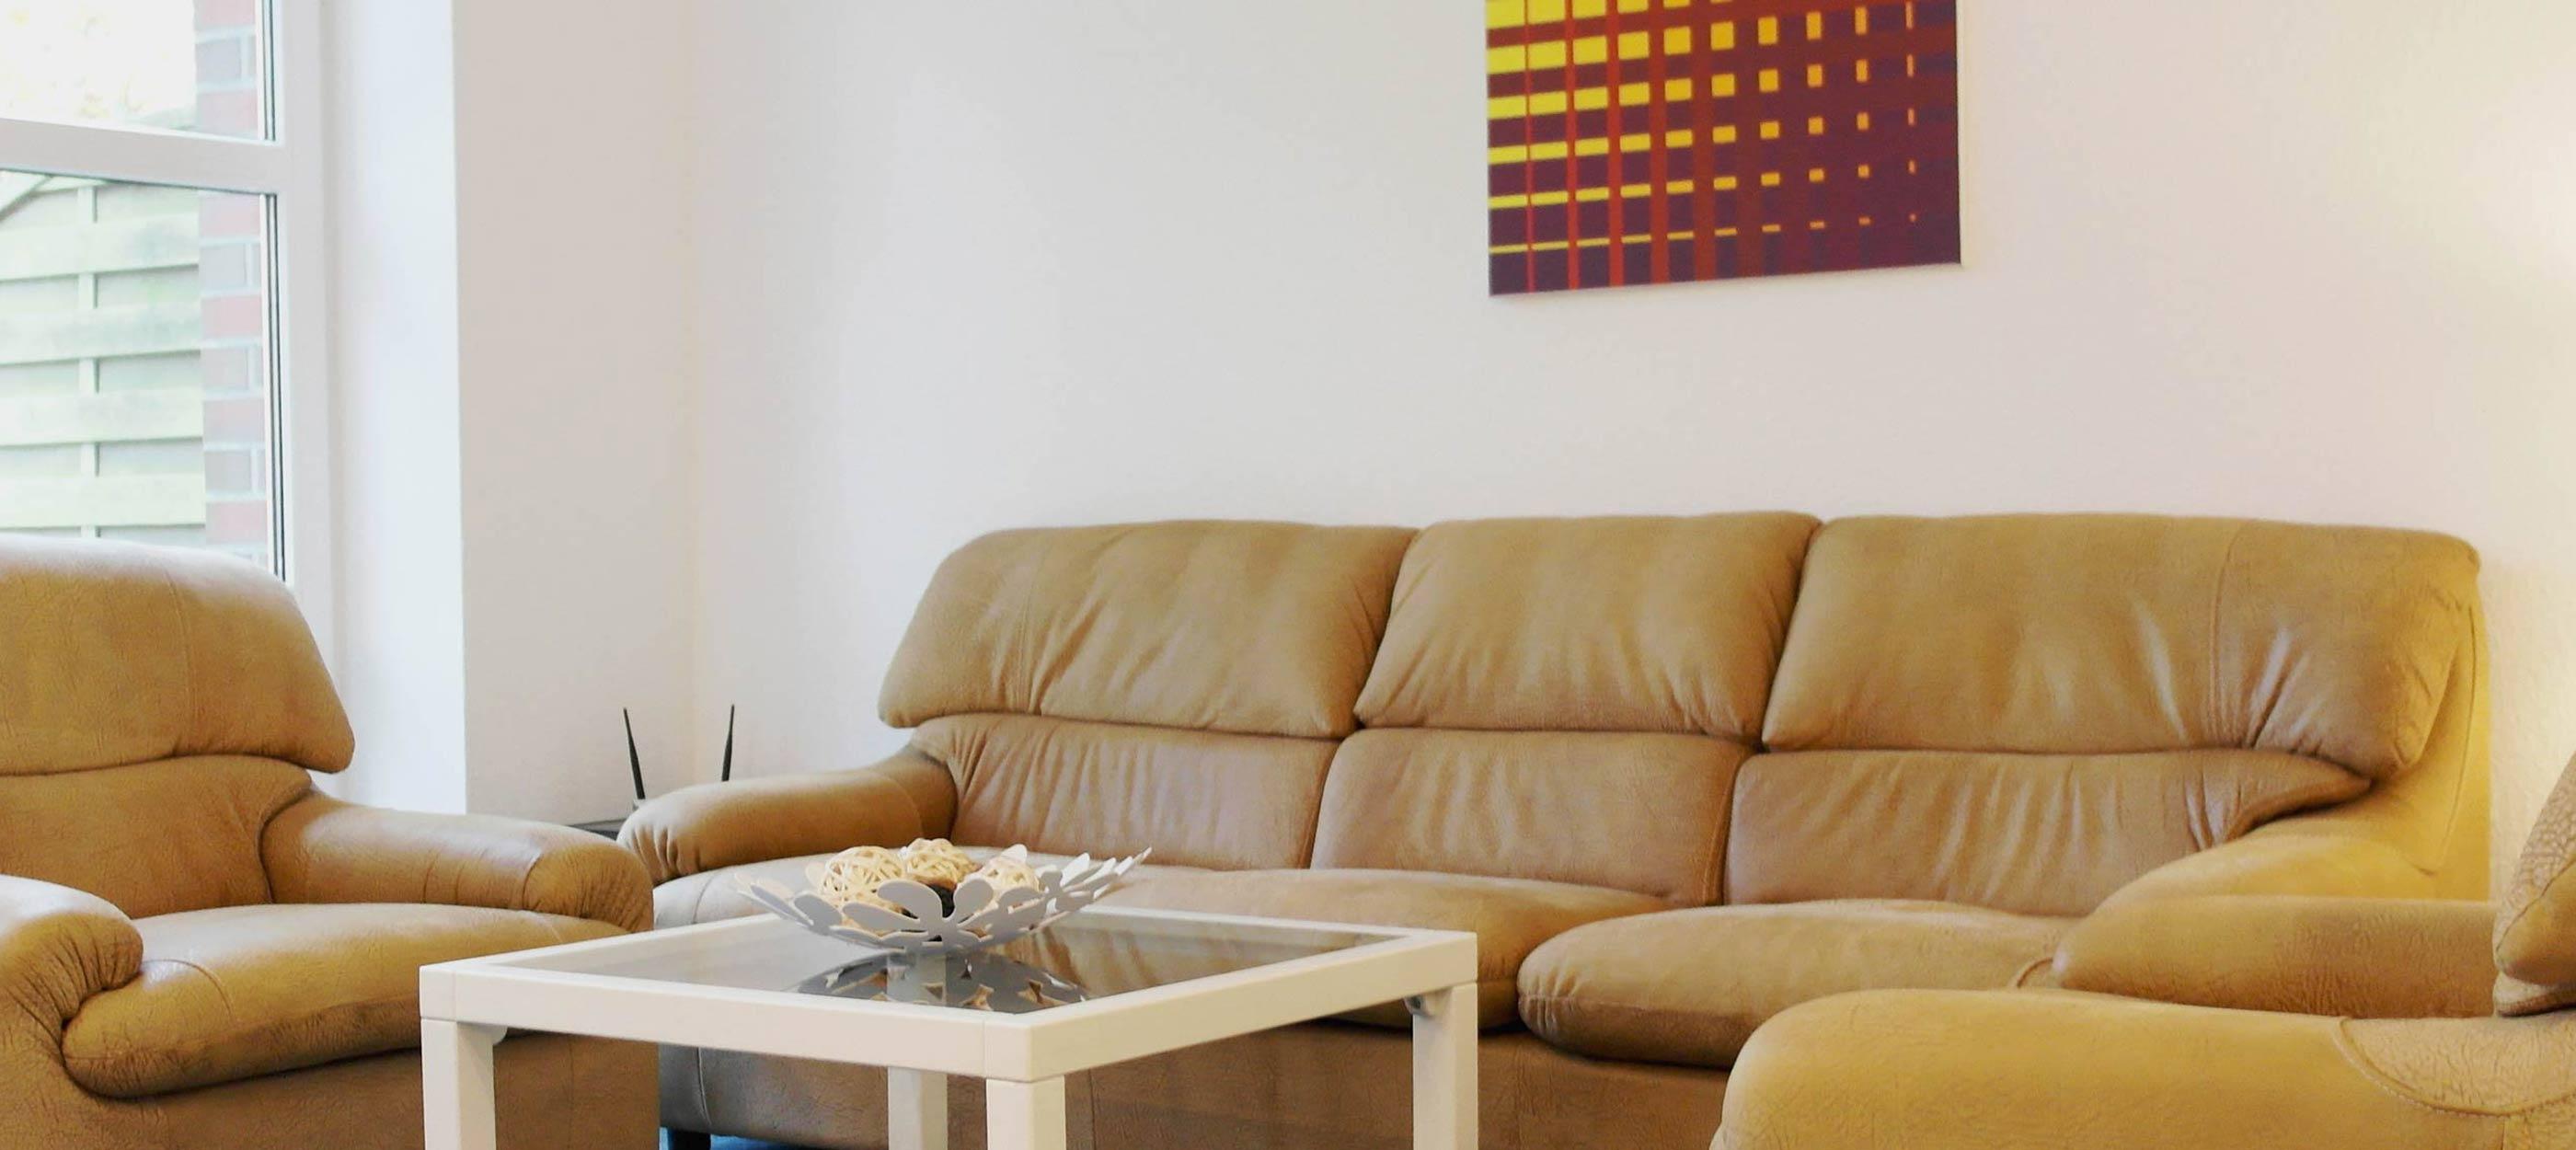 ferienhaus-deluxe-2xl-nordisch-wohnen